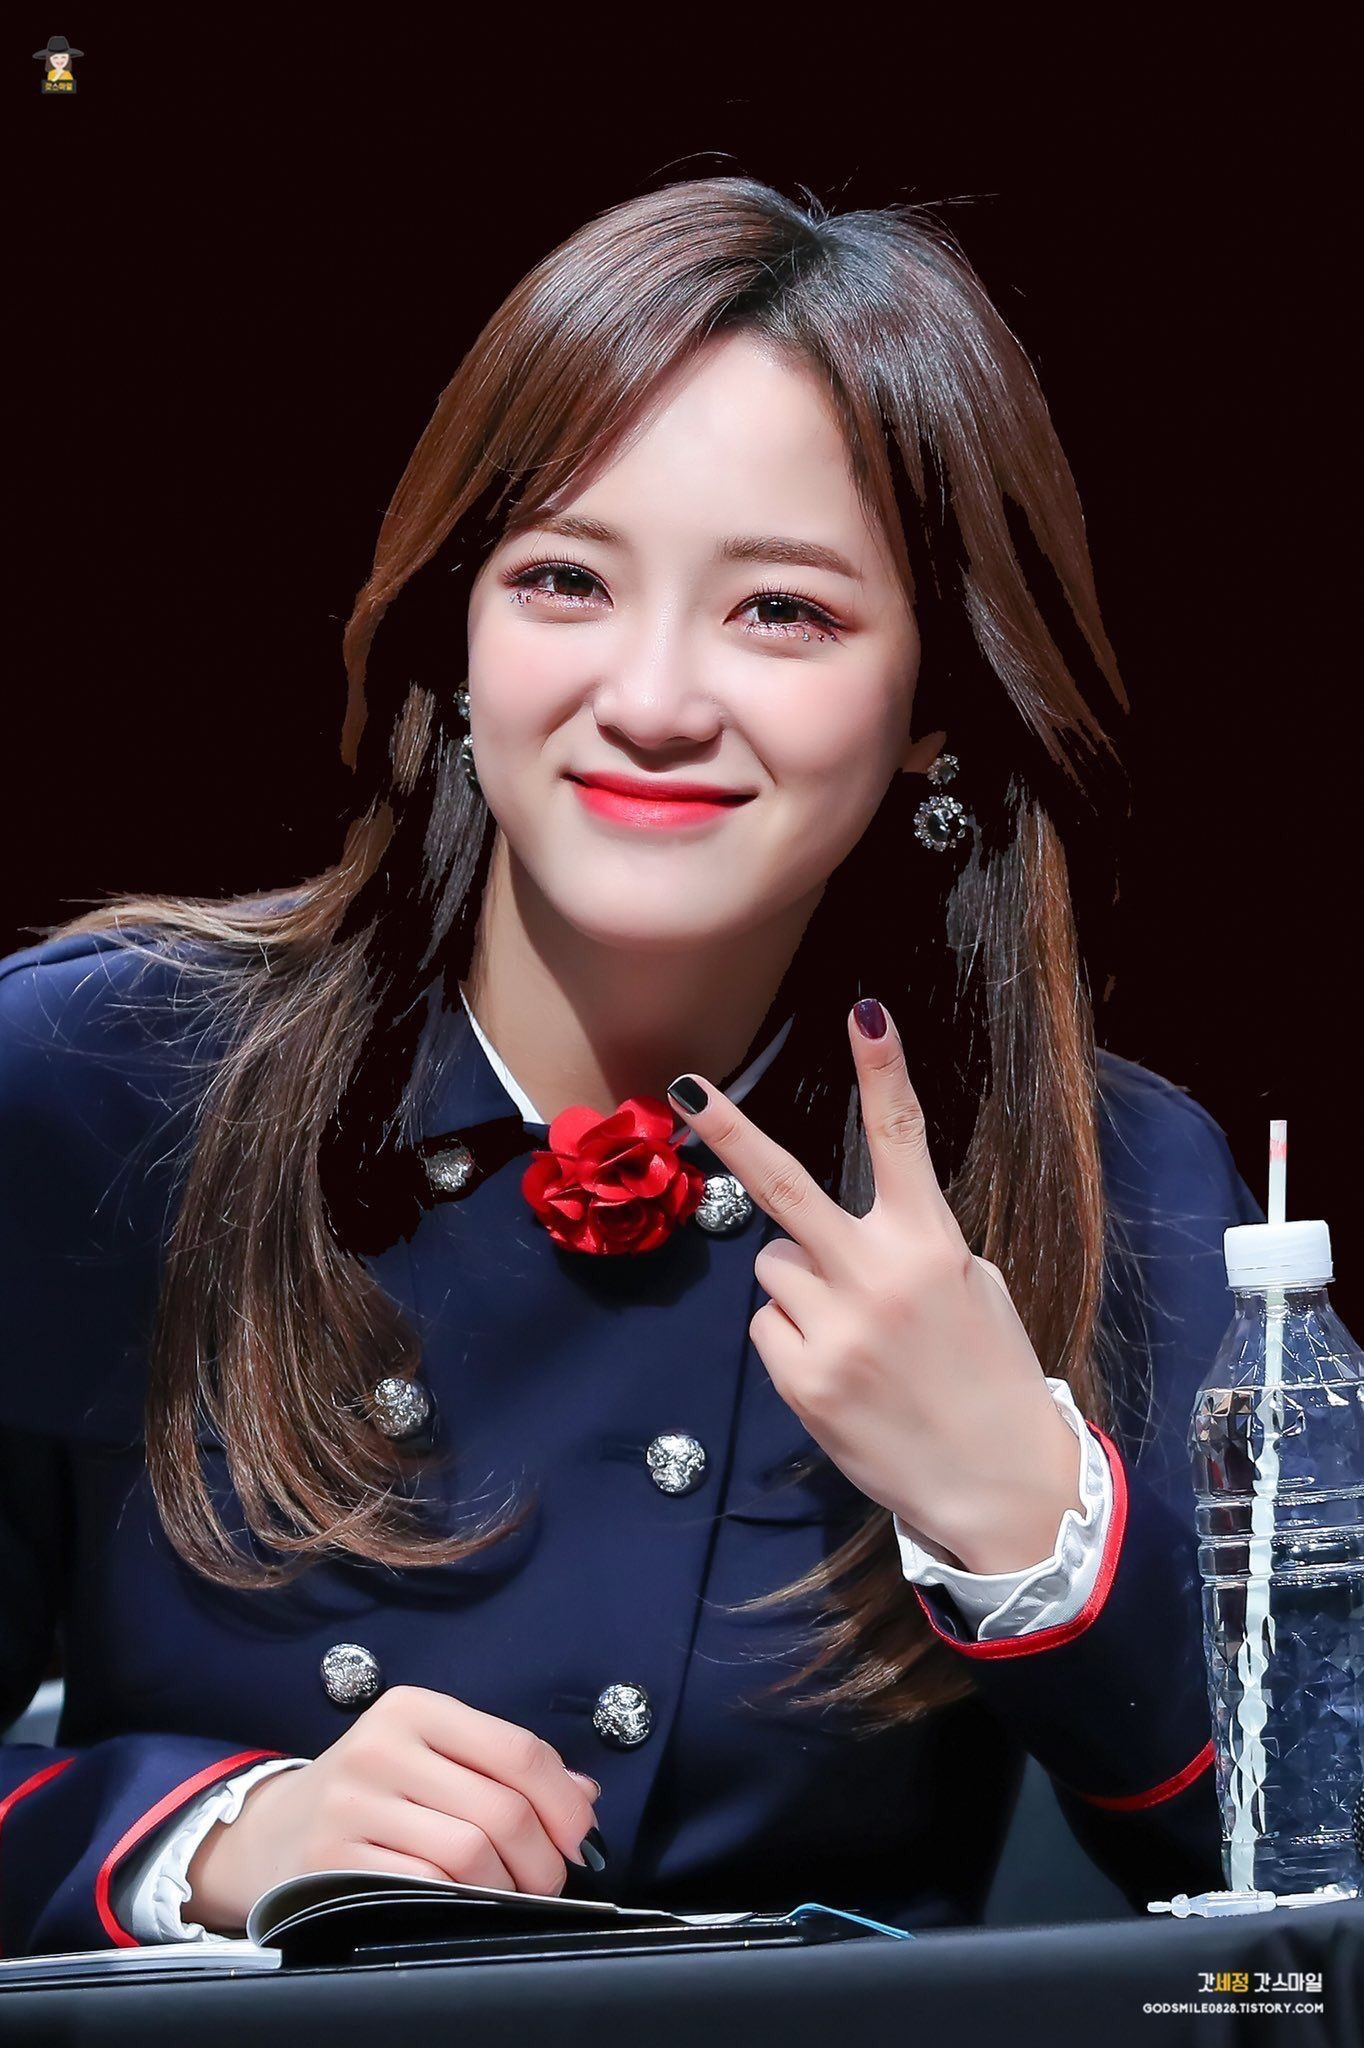 What A Bliss on Twitter | Kpop girls, Girl crushes, Korean